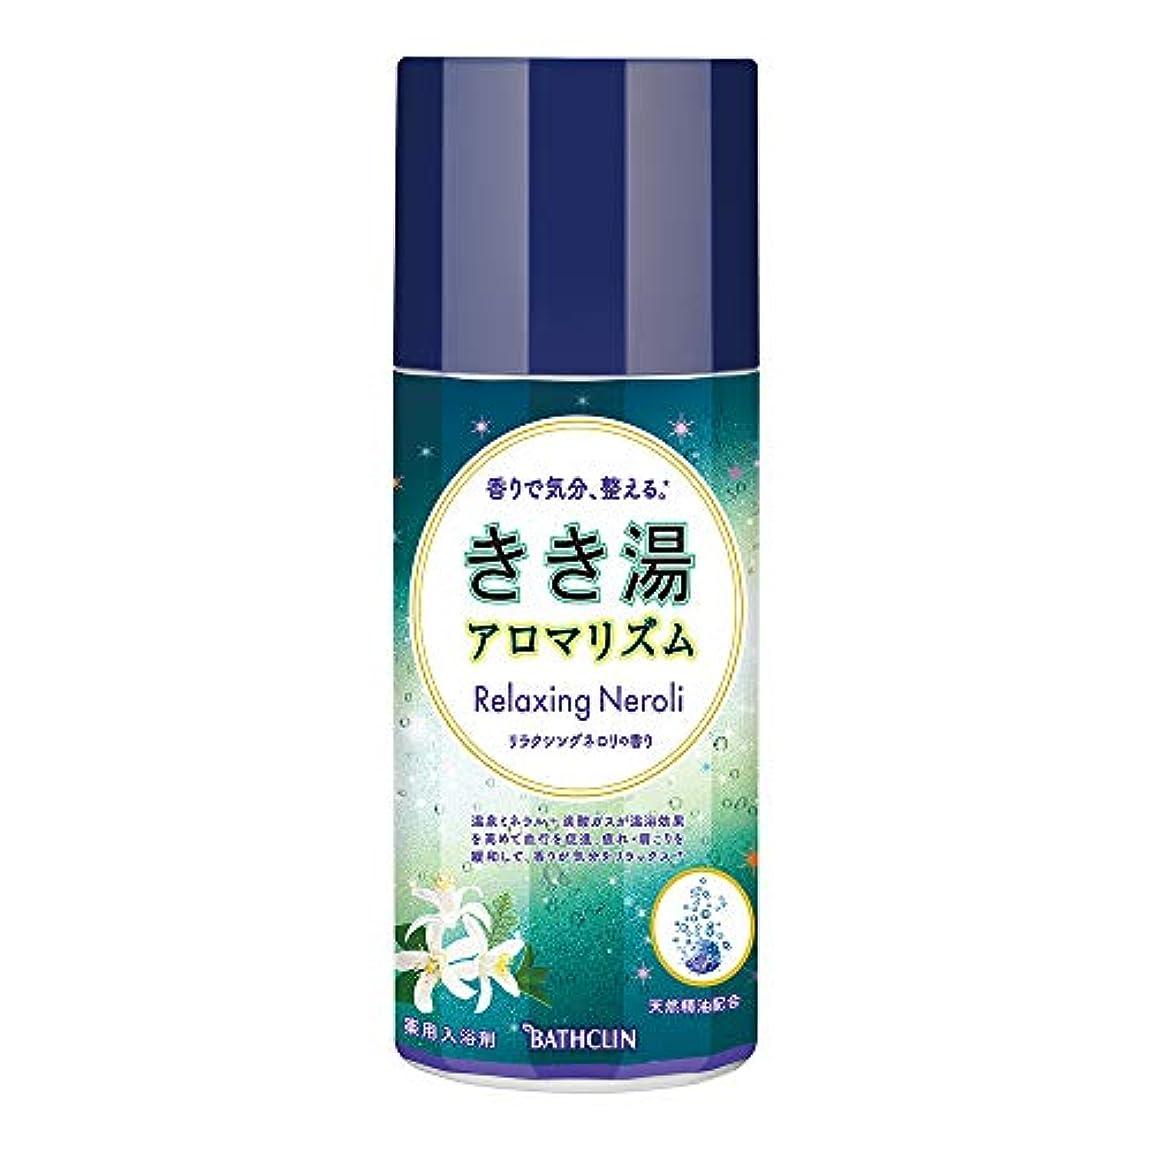 アスペクトつまずく中で【医薬部外品】きき湯アロマリズム炭酸入浴剤 リラクシングネロリの香り 360g 発泡タイプ